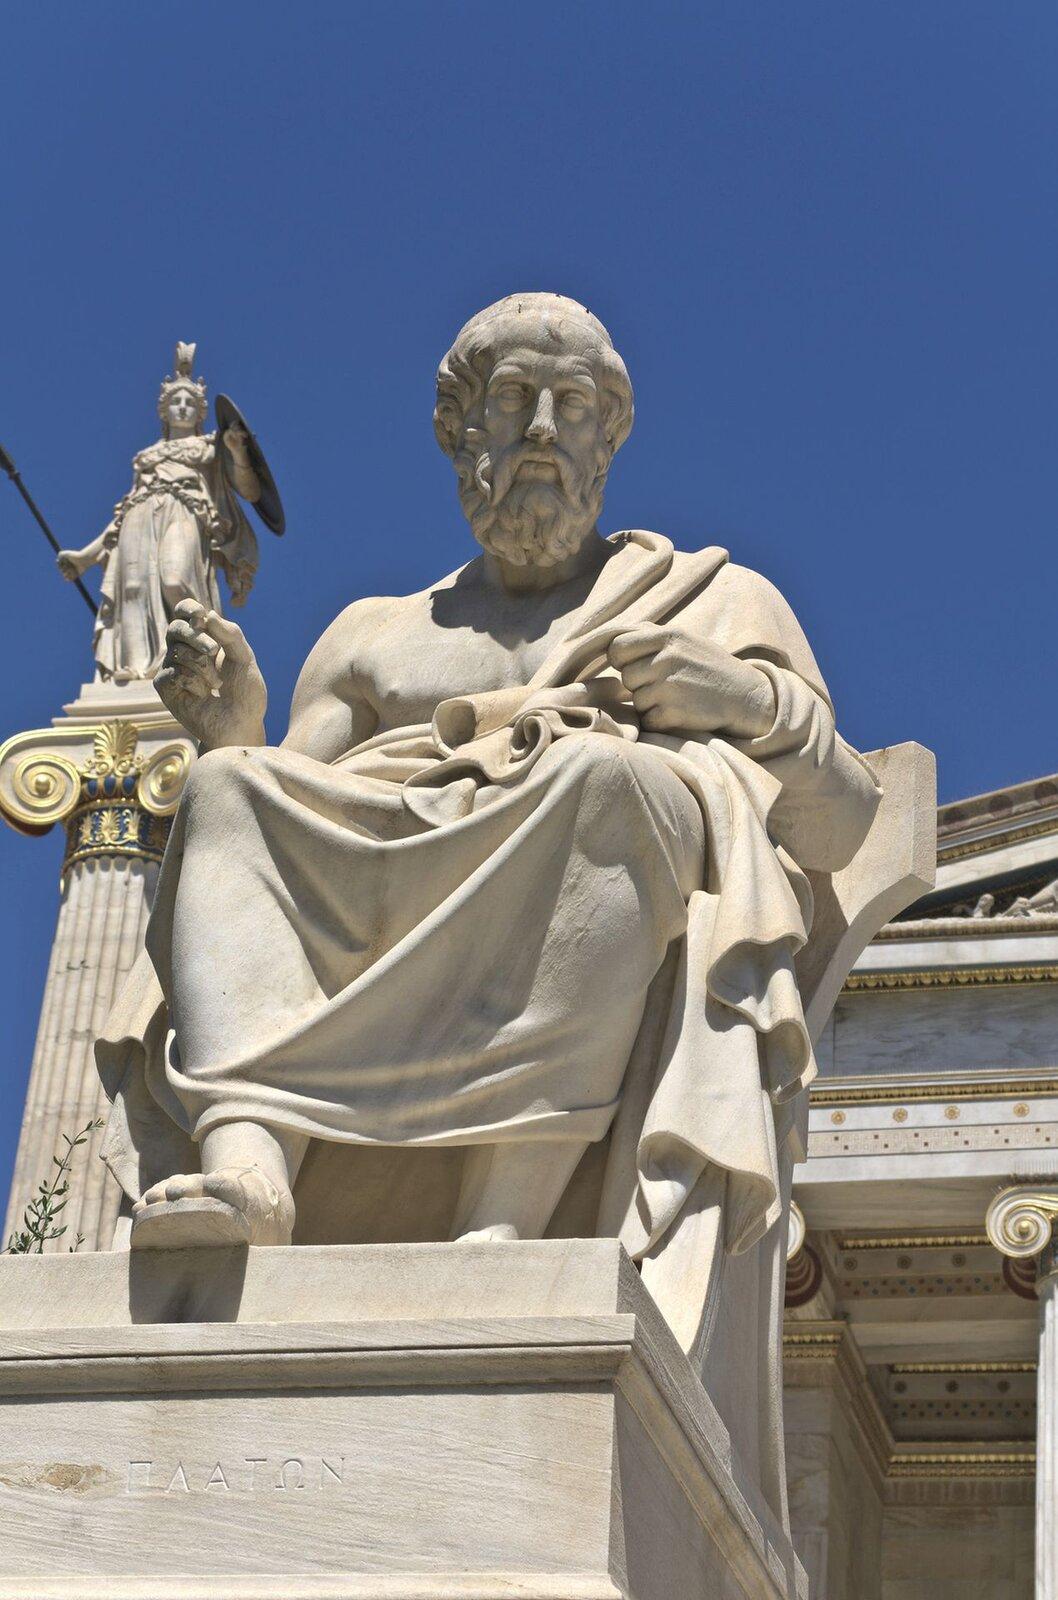 Fotografia nieznanego autora przedstawia posąg Platona. Został on pokazany jako mężczyzna wpodeszłym wieku. Siedzi wtodze trzymając zwój papirusu.